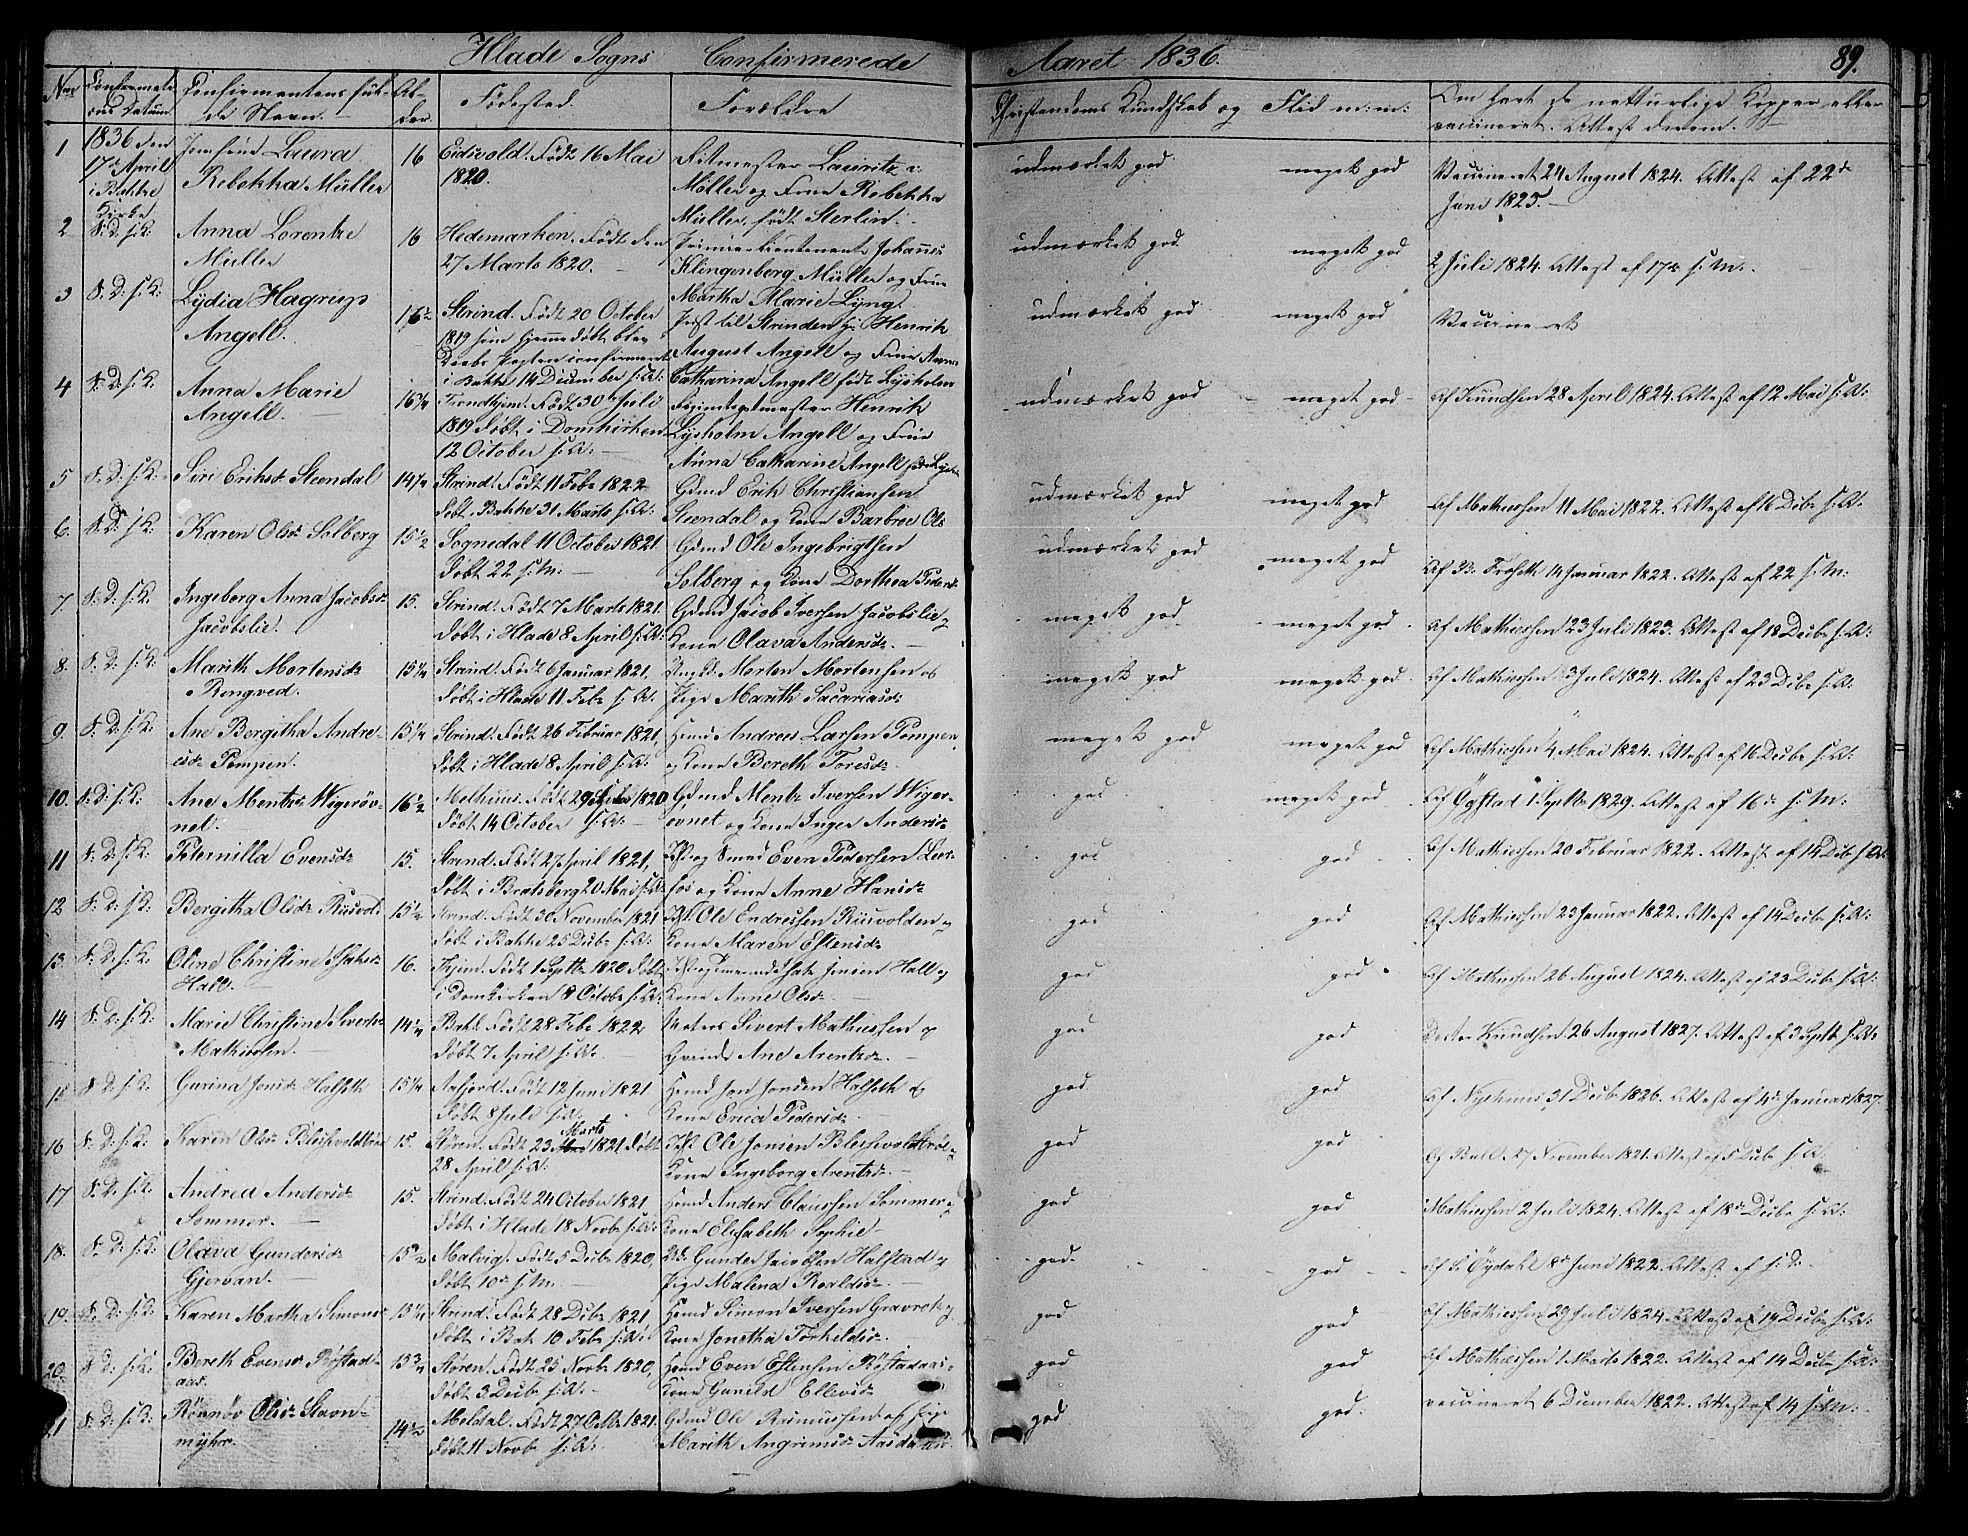 SAT, Ministerialprotokoller, klokkerbøker og fødselsregistre - Sør-Trøndelag, 606/L0308: Klokkerbok nr. 606C04, 1829-1840, s. 89